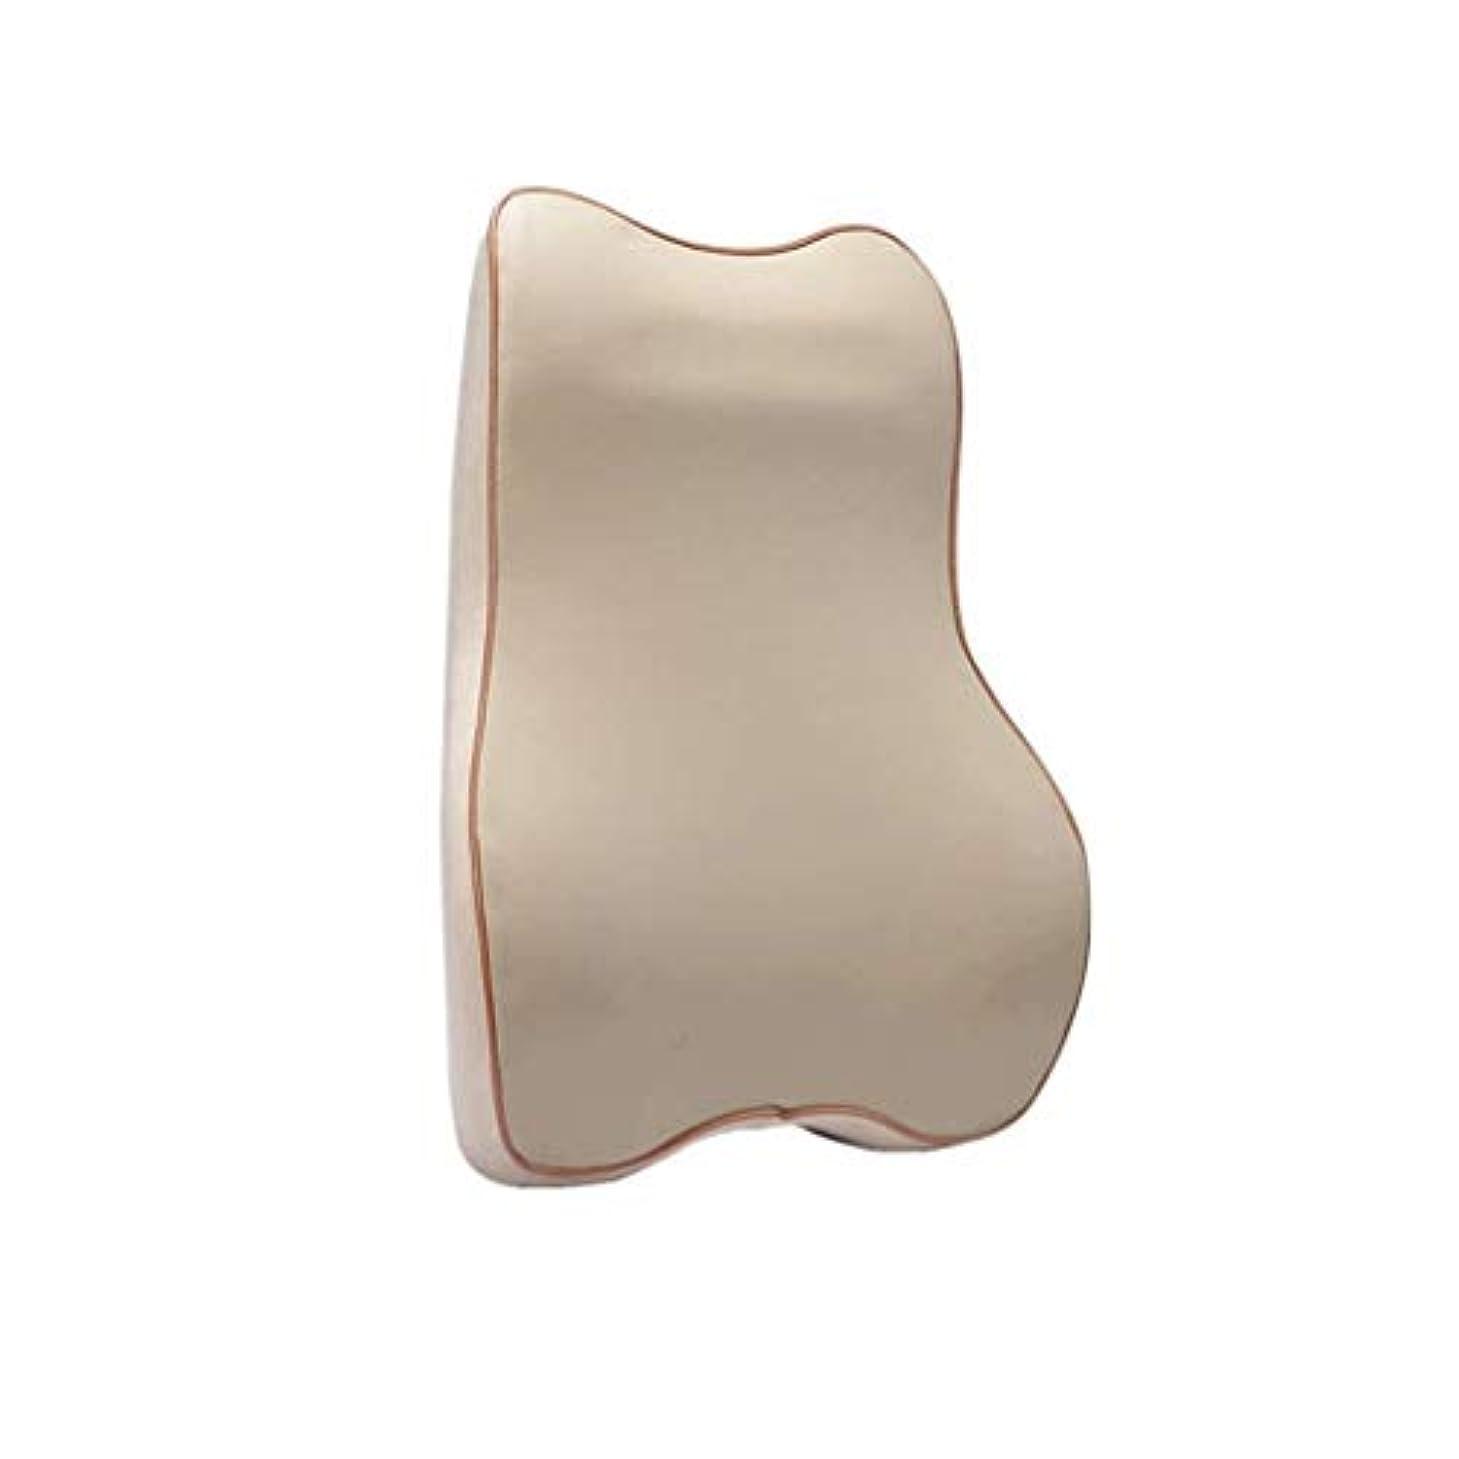 機械ショット樹皮腰椎枕 - 姿勢療法ウエストクッション - 低反発フォーム、人間工学に基づいたオフィスチェア車とトラベルバックサポート枕を使用して、上下の腰痛を緩和し、予防します (Color : Beige)